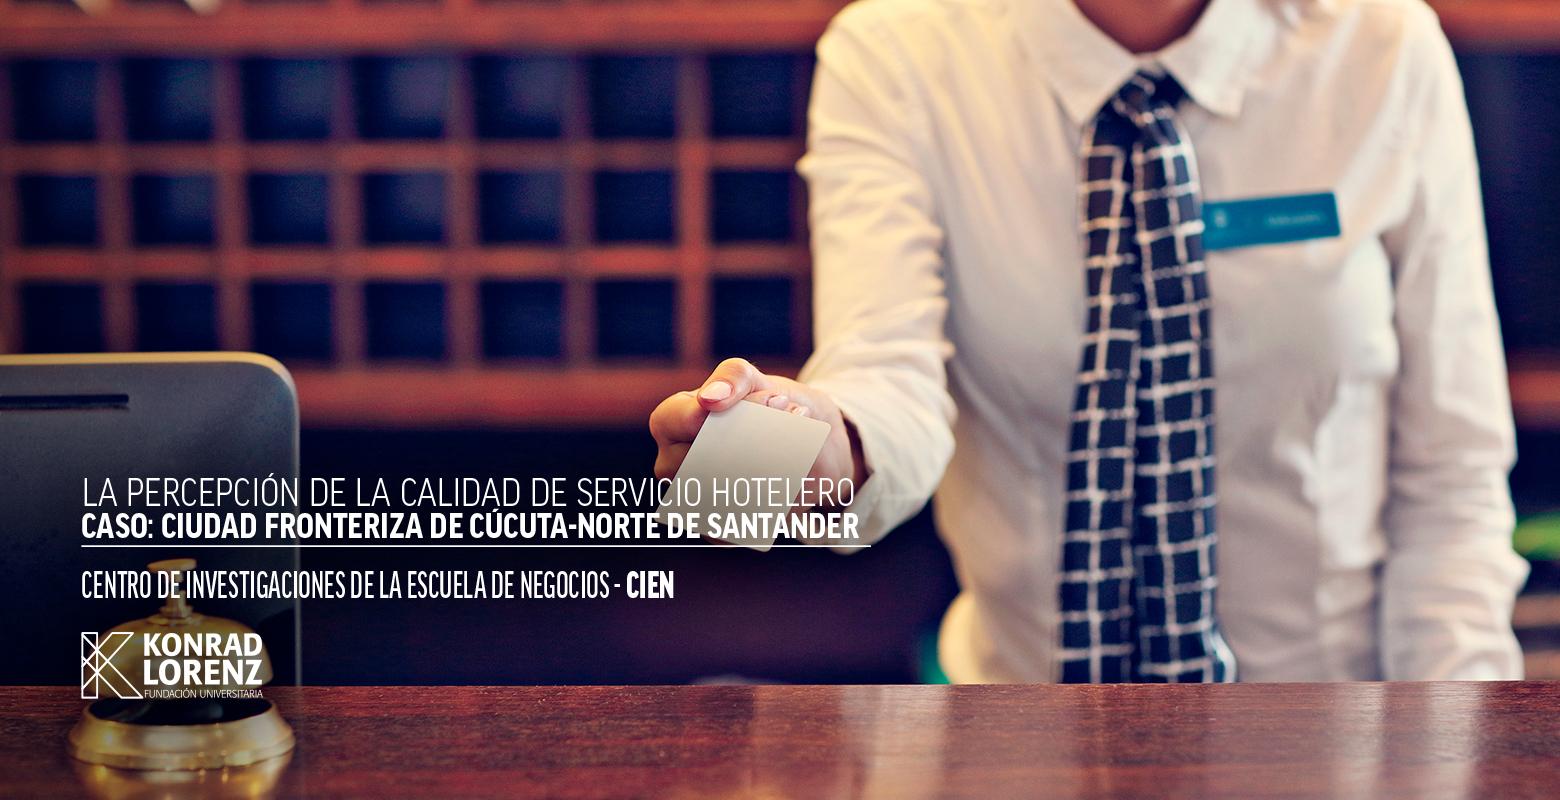 La percepción de la calidad de servicio hotelero. Caso: Ciudad fronteriza de Cúcuta-Norte de Santander